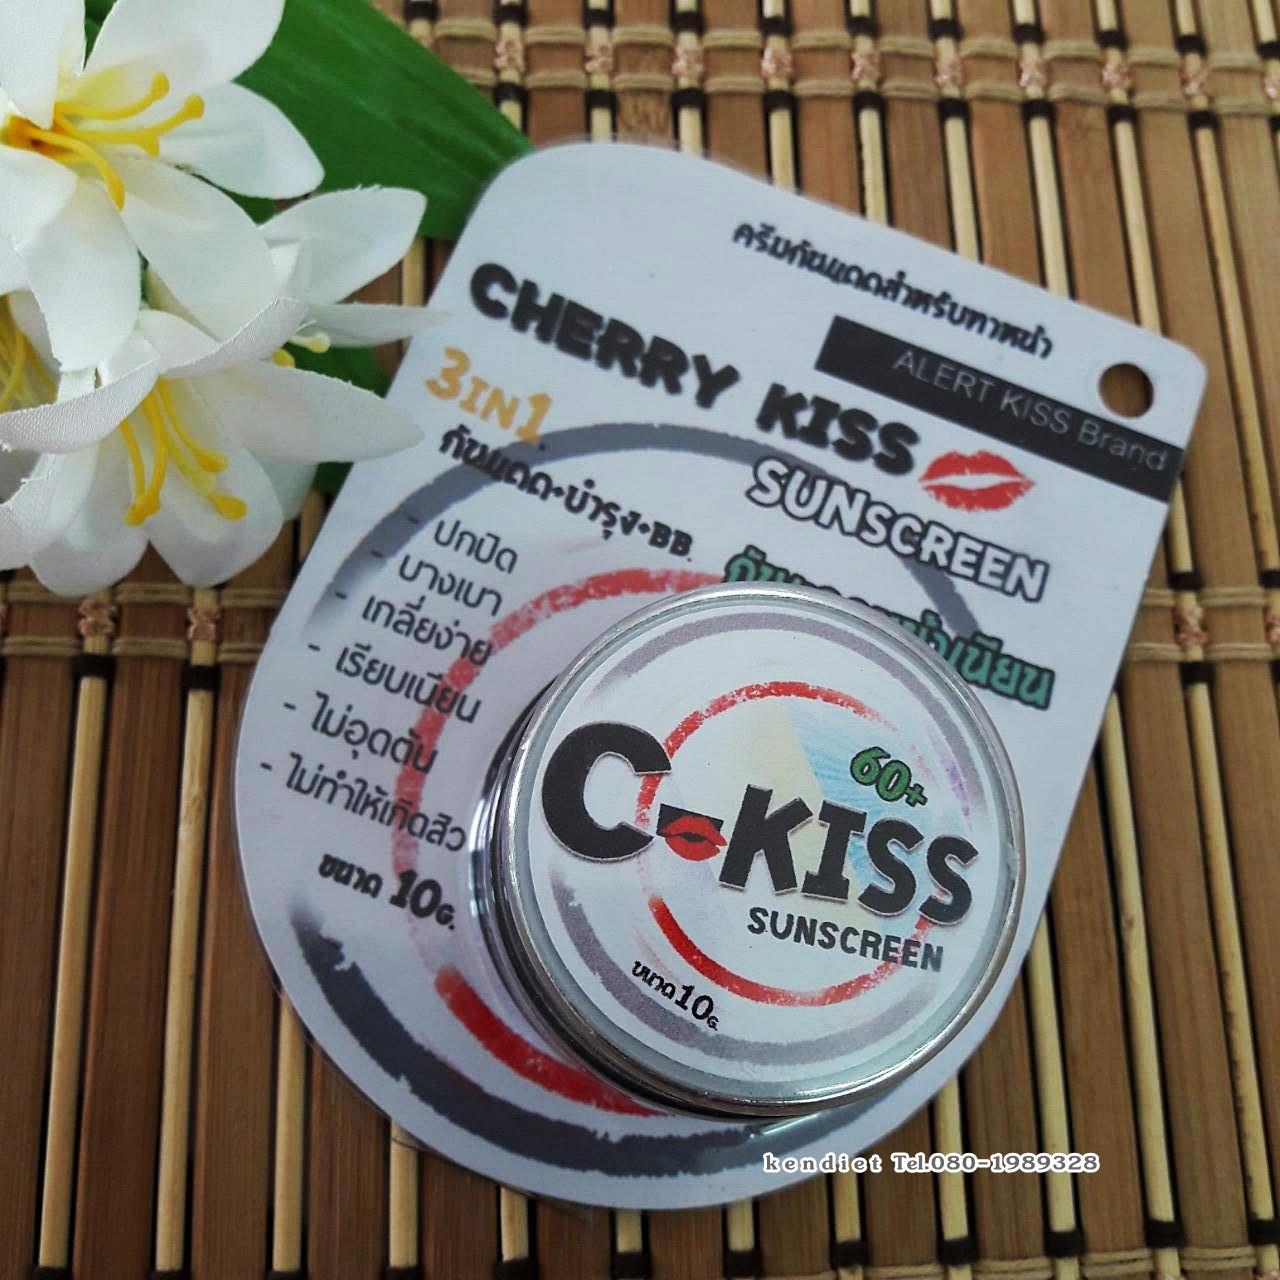 ครีมกันแดด C-KISS Sunscreen เนื้อบางเบา เกลี่ยง่าย SPF 60 PA+++